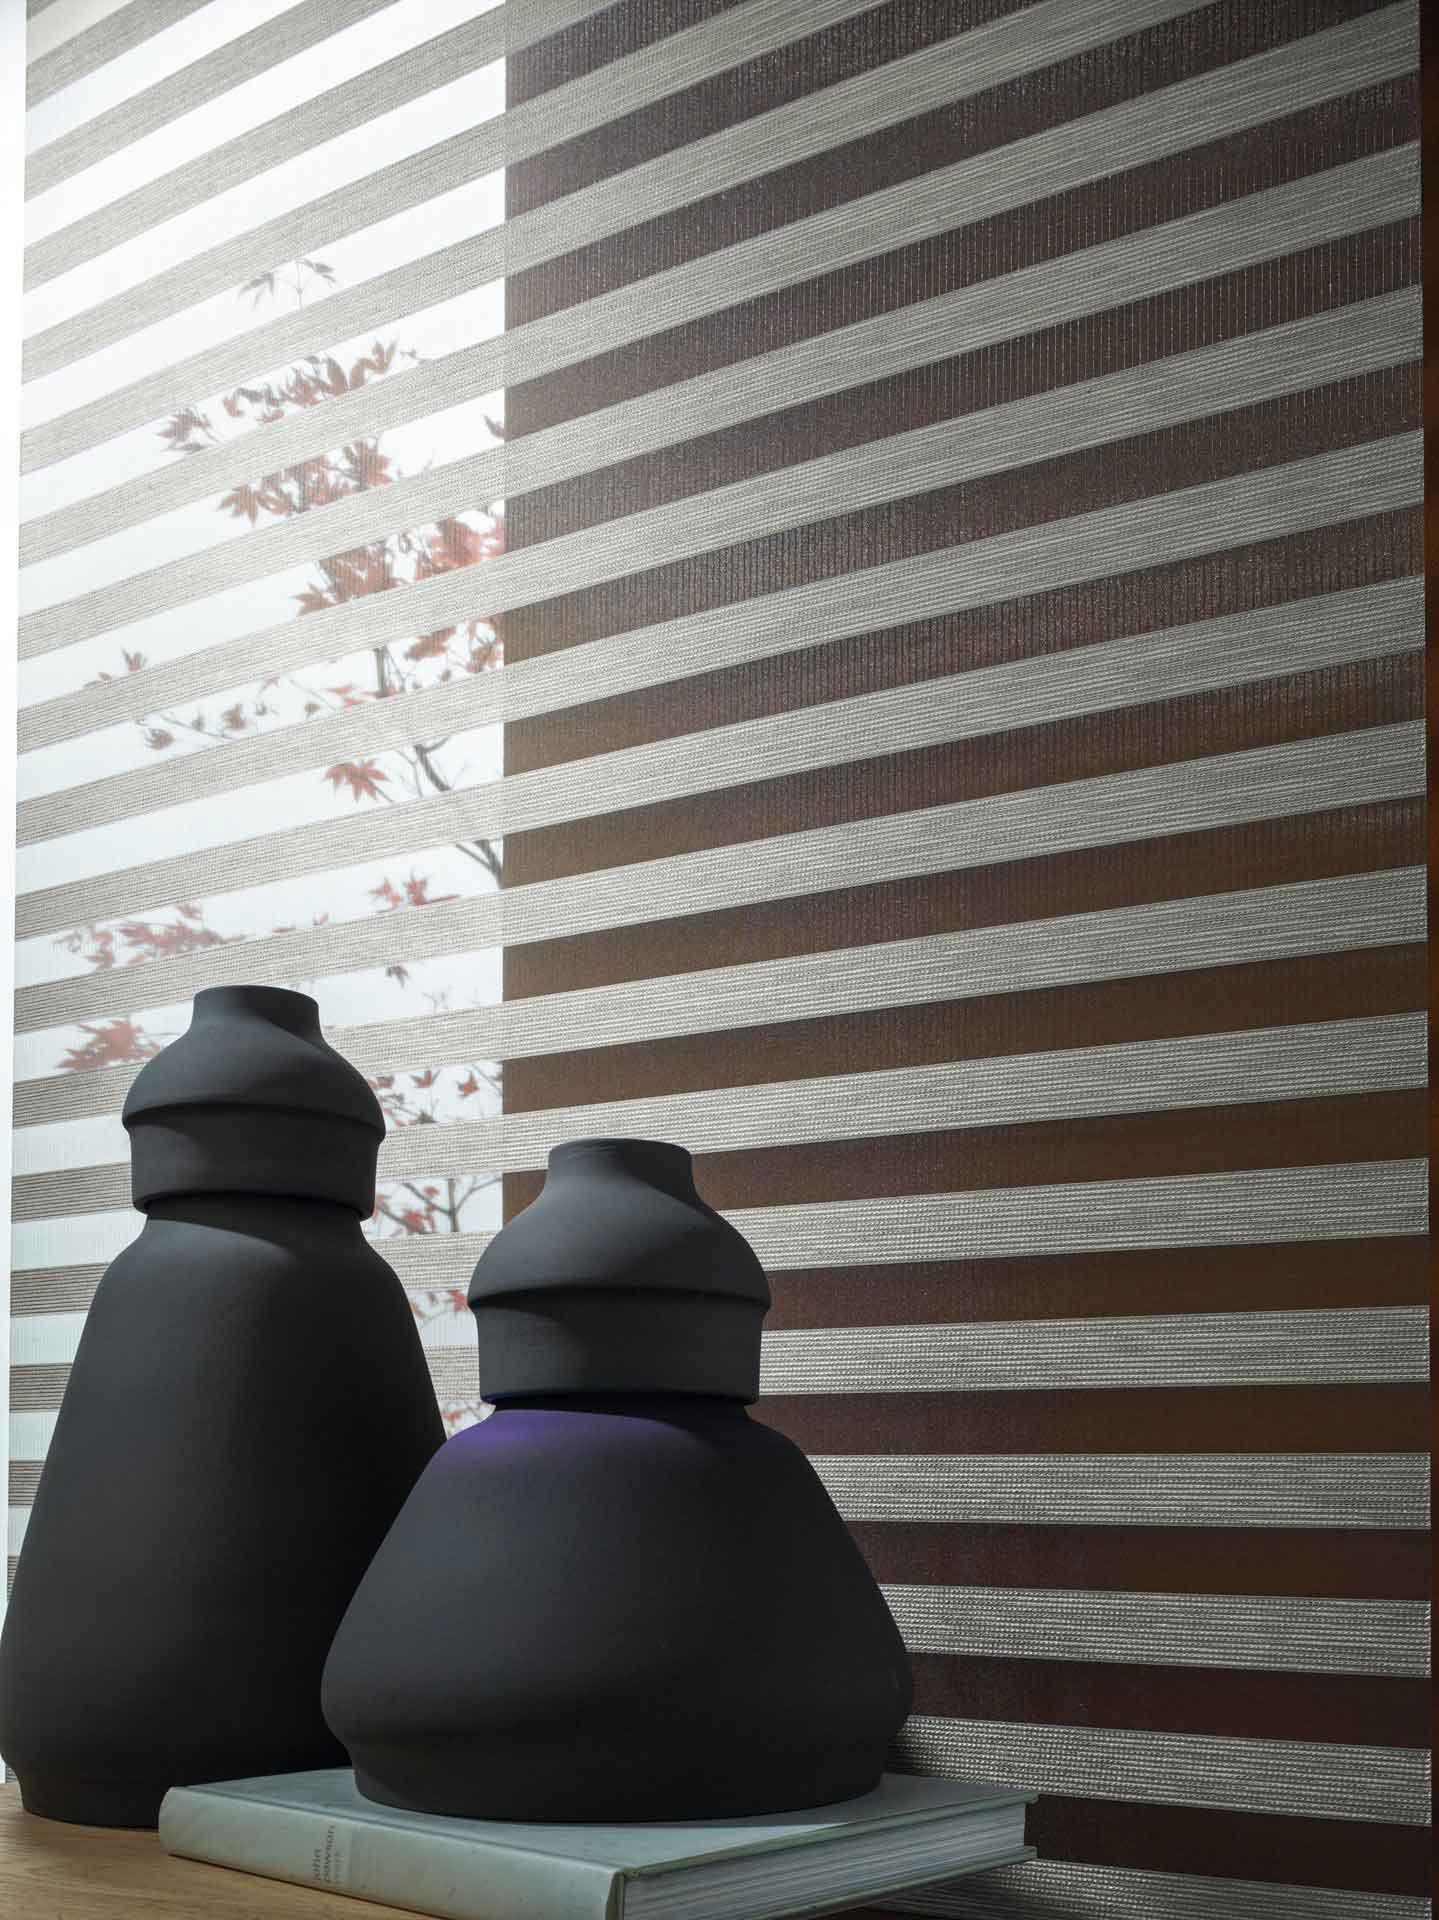 Sicht- und Sonnenschutz - Plissees sind beliebte Sicht- und Sonnenschutze für Fenster und Türen – ähnlich einem Rollo. Trotz seiner einfachen Funktionsweise erfreuen sich Plissees immer größerer Beliebtheit. Der besondere Vorteil ist, dass es sowohl nach oben als auch nach unten bewegt werden kann. Des Weiteren bieten wir Ihnen eine große Auswahl an Rollos, Jalousien und Vertikal-Lamellen.